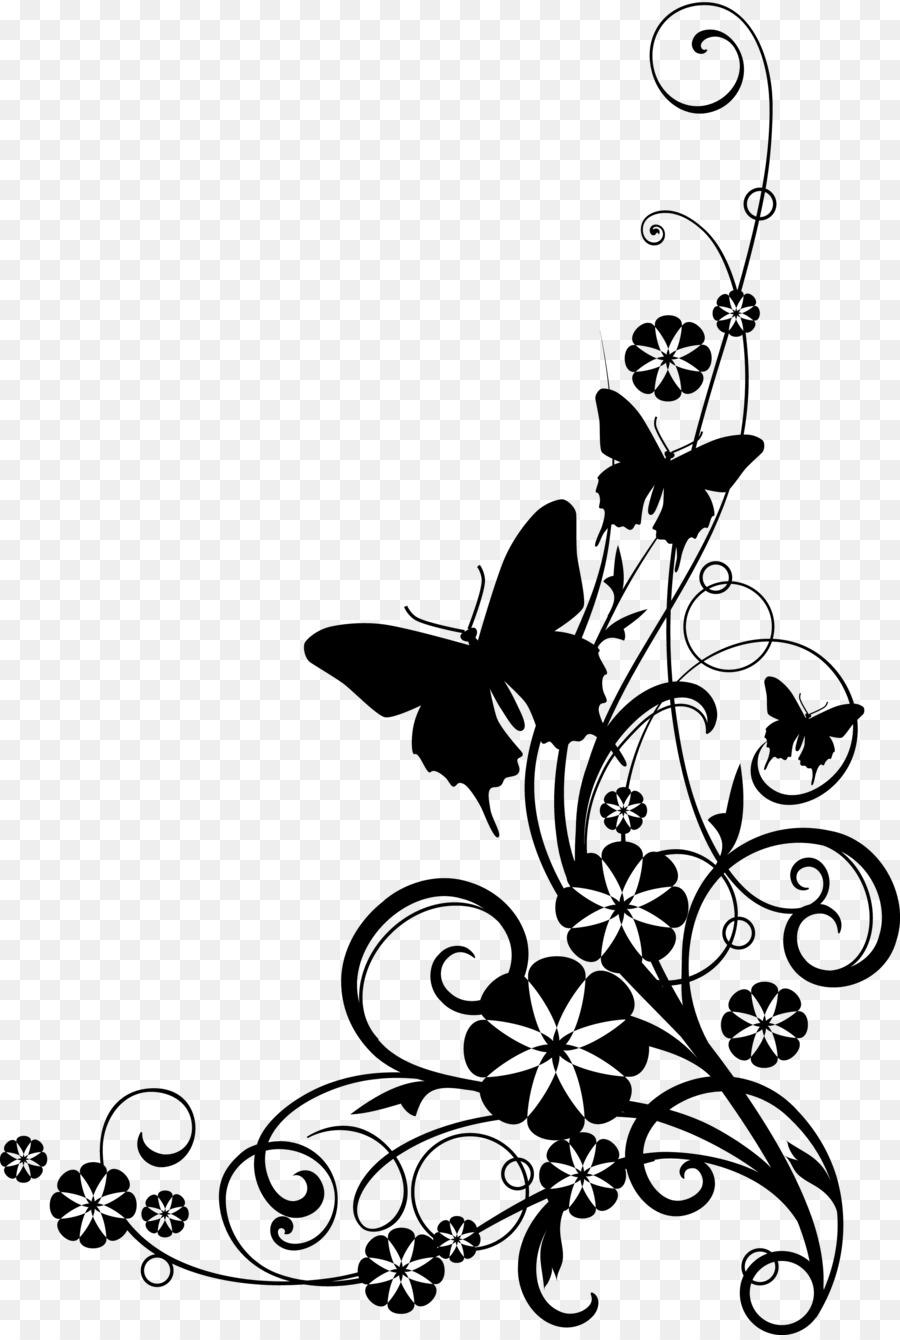 Bunga Hitam Dan Putih Putih Gambar Png